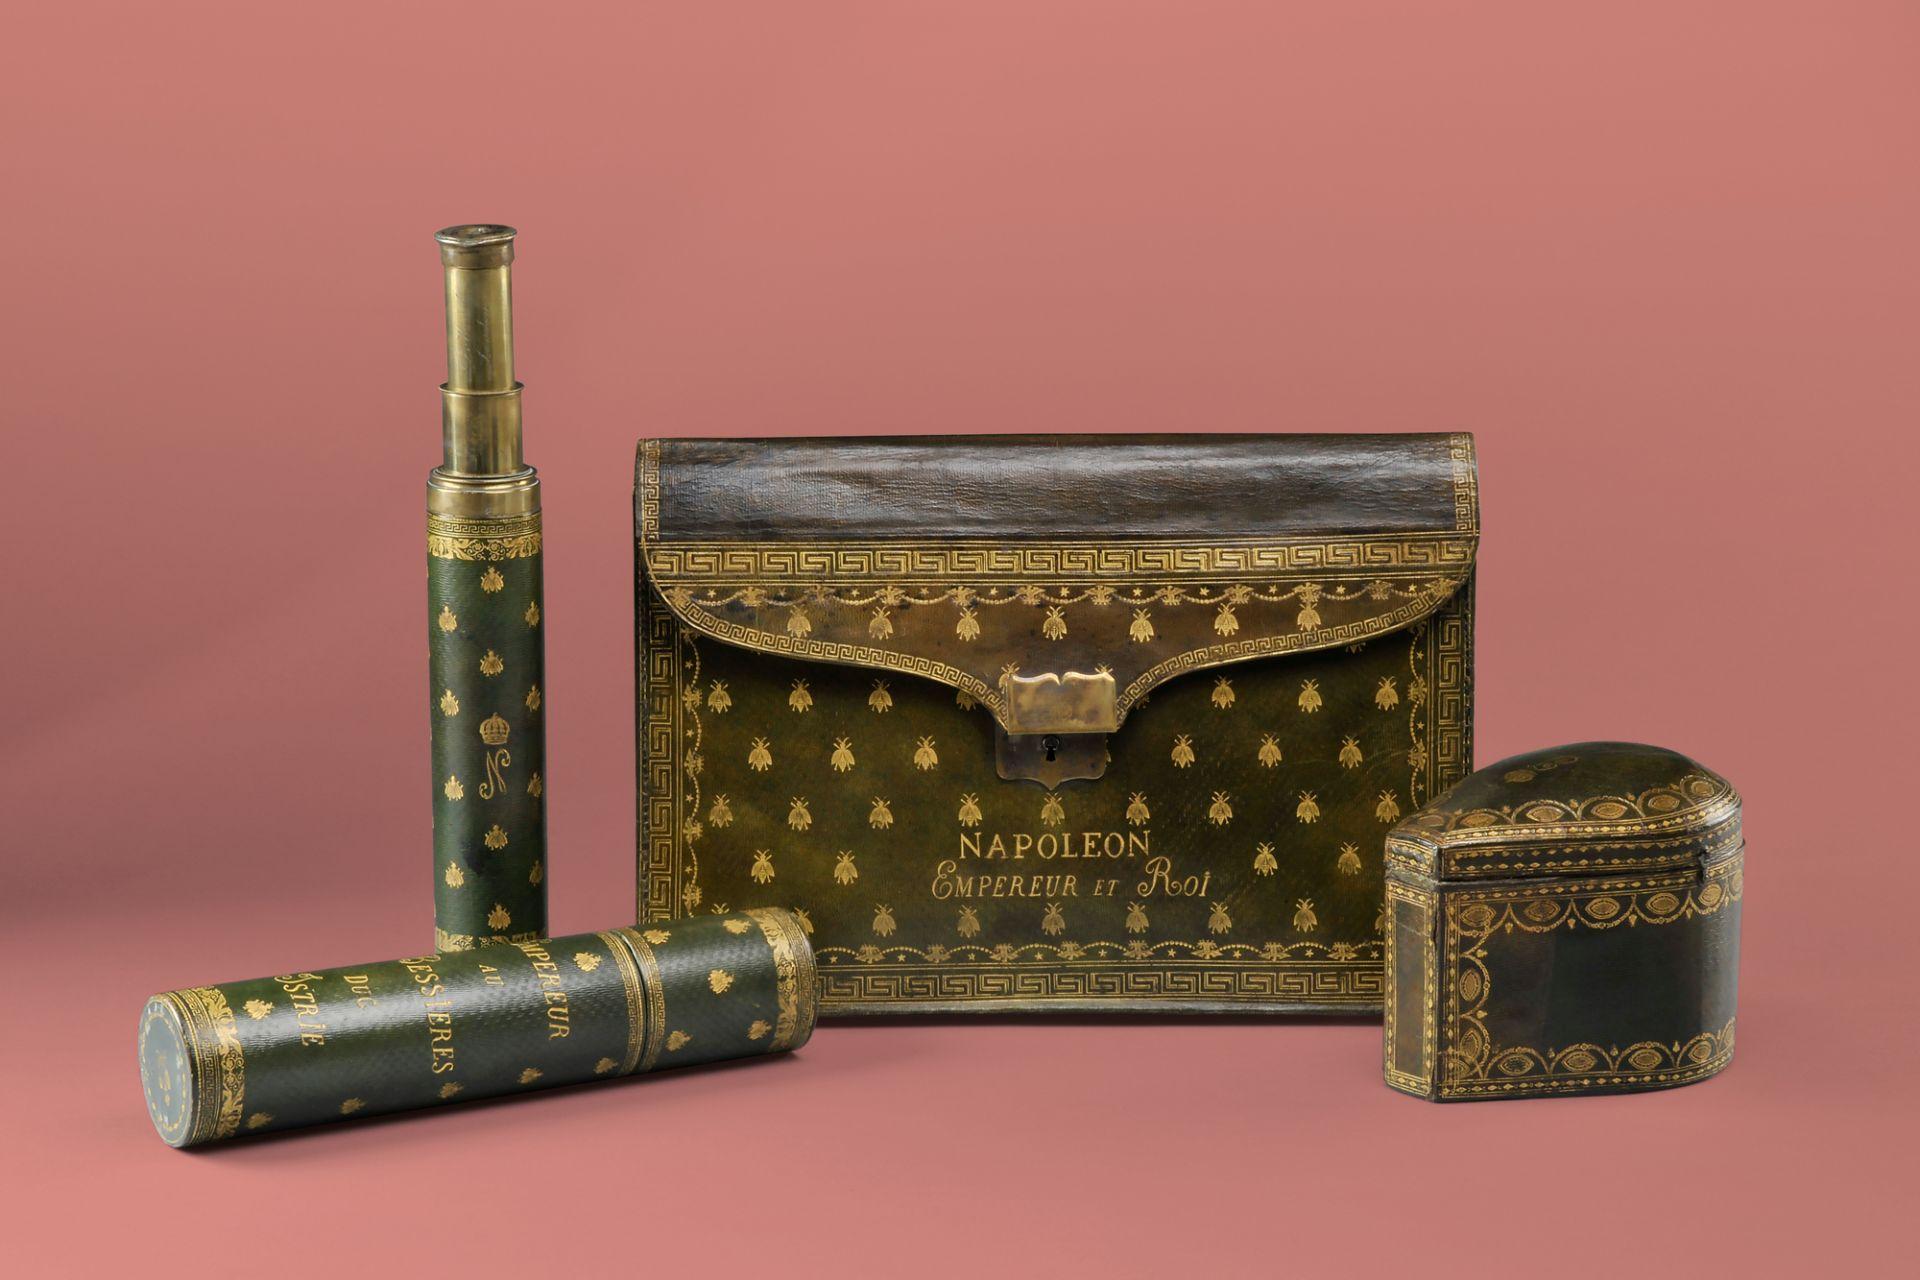 Aktentasche und Fernrohr mit Futteral von Napoleon I., Frankreich, um 1810 und Schmucketui von Kaiserin Joséphine, Frankreich, um 1805